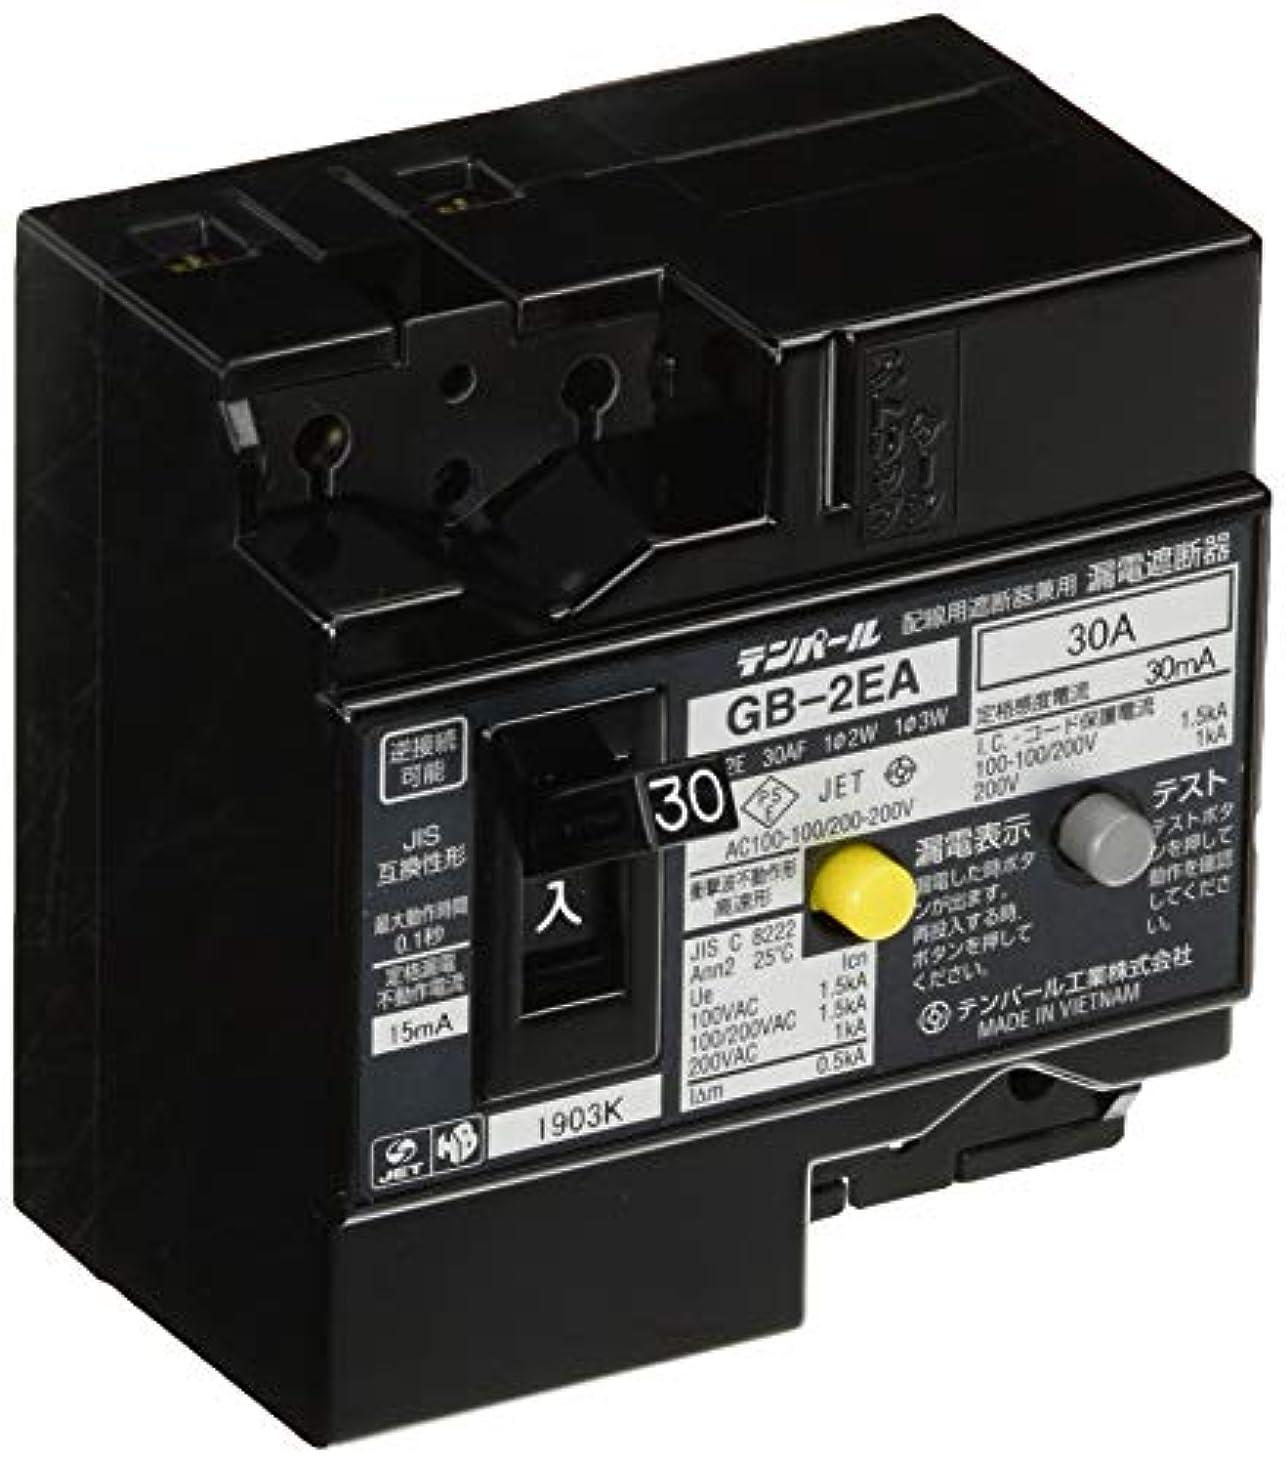 スイングエクスタシー辛なテンパール  Eシリーズ 経済タイプ 漏電遮断器 OC付 2EA3030